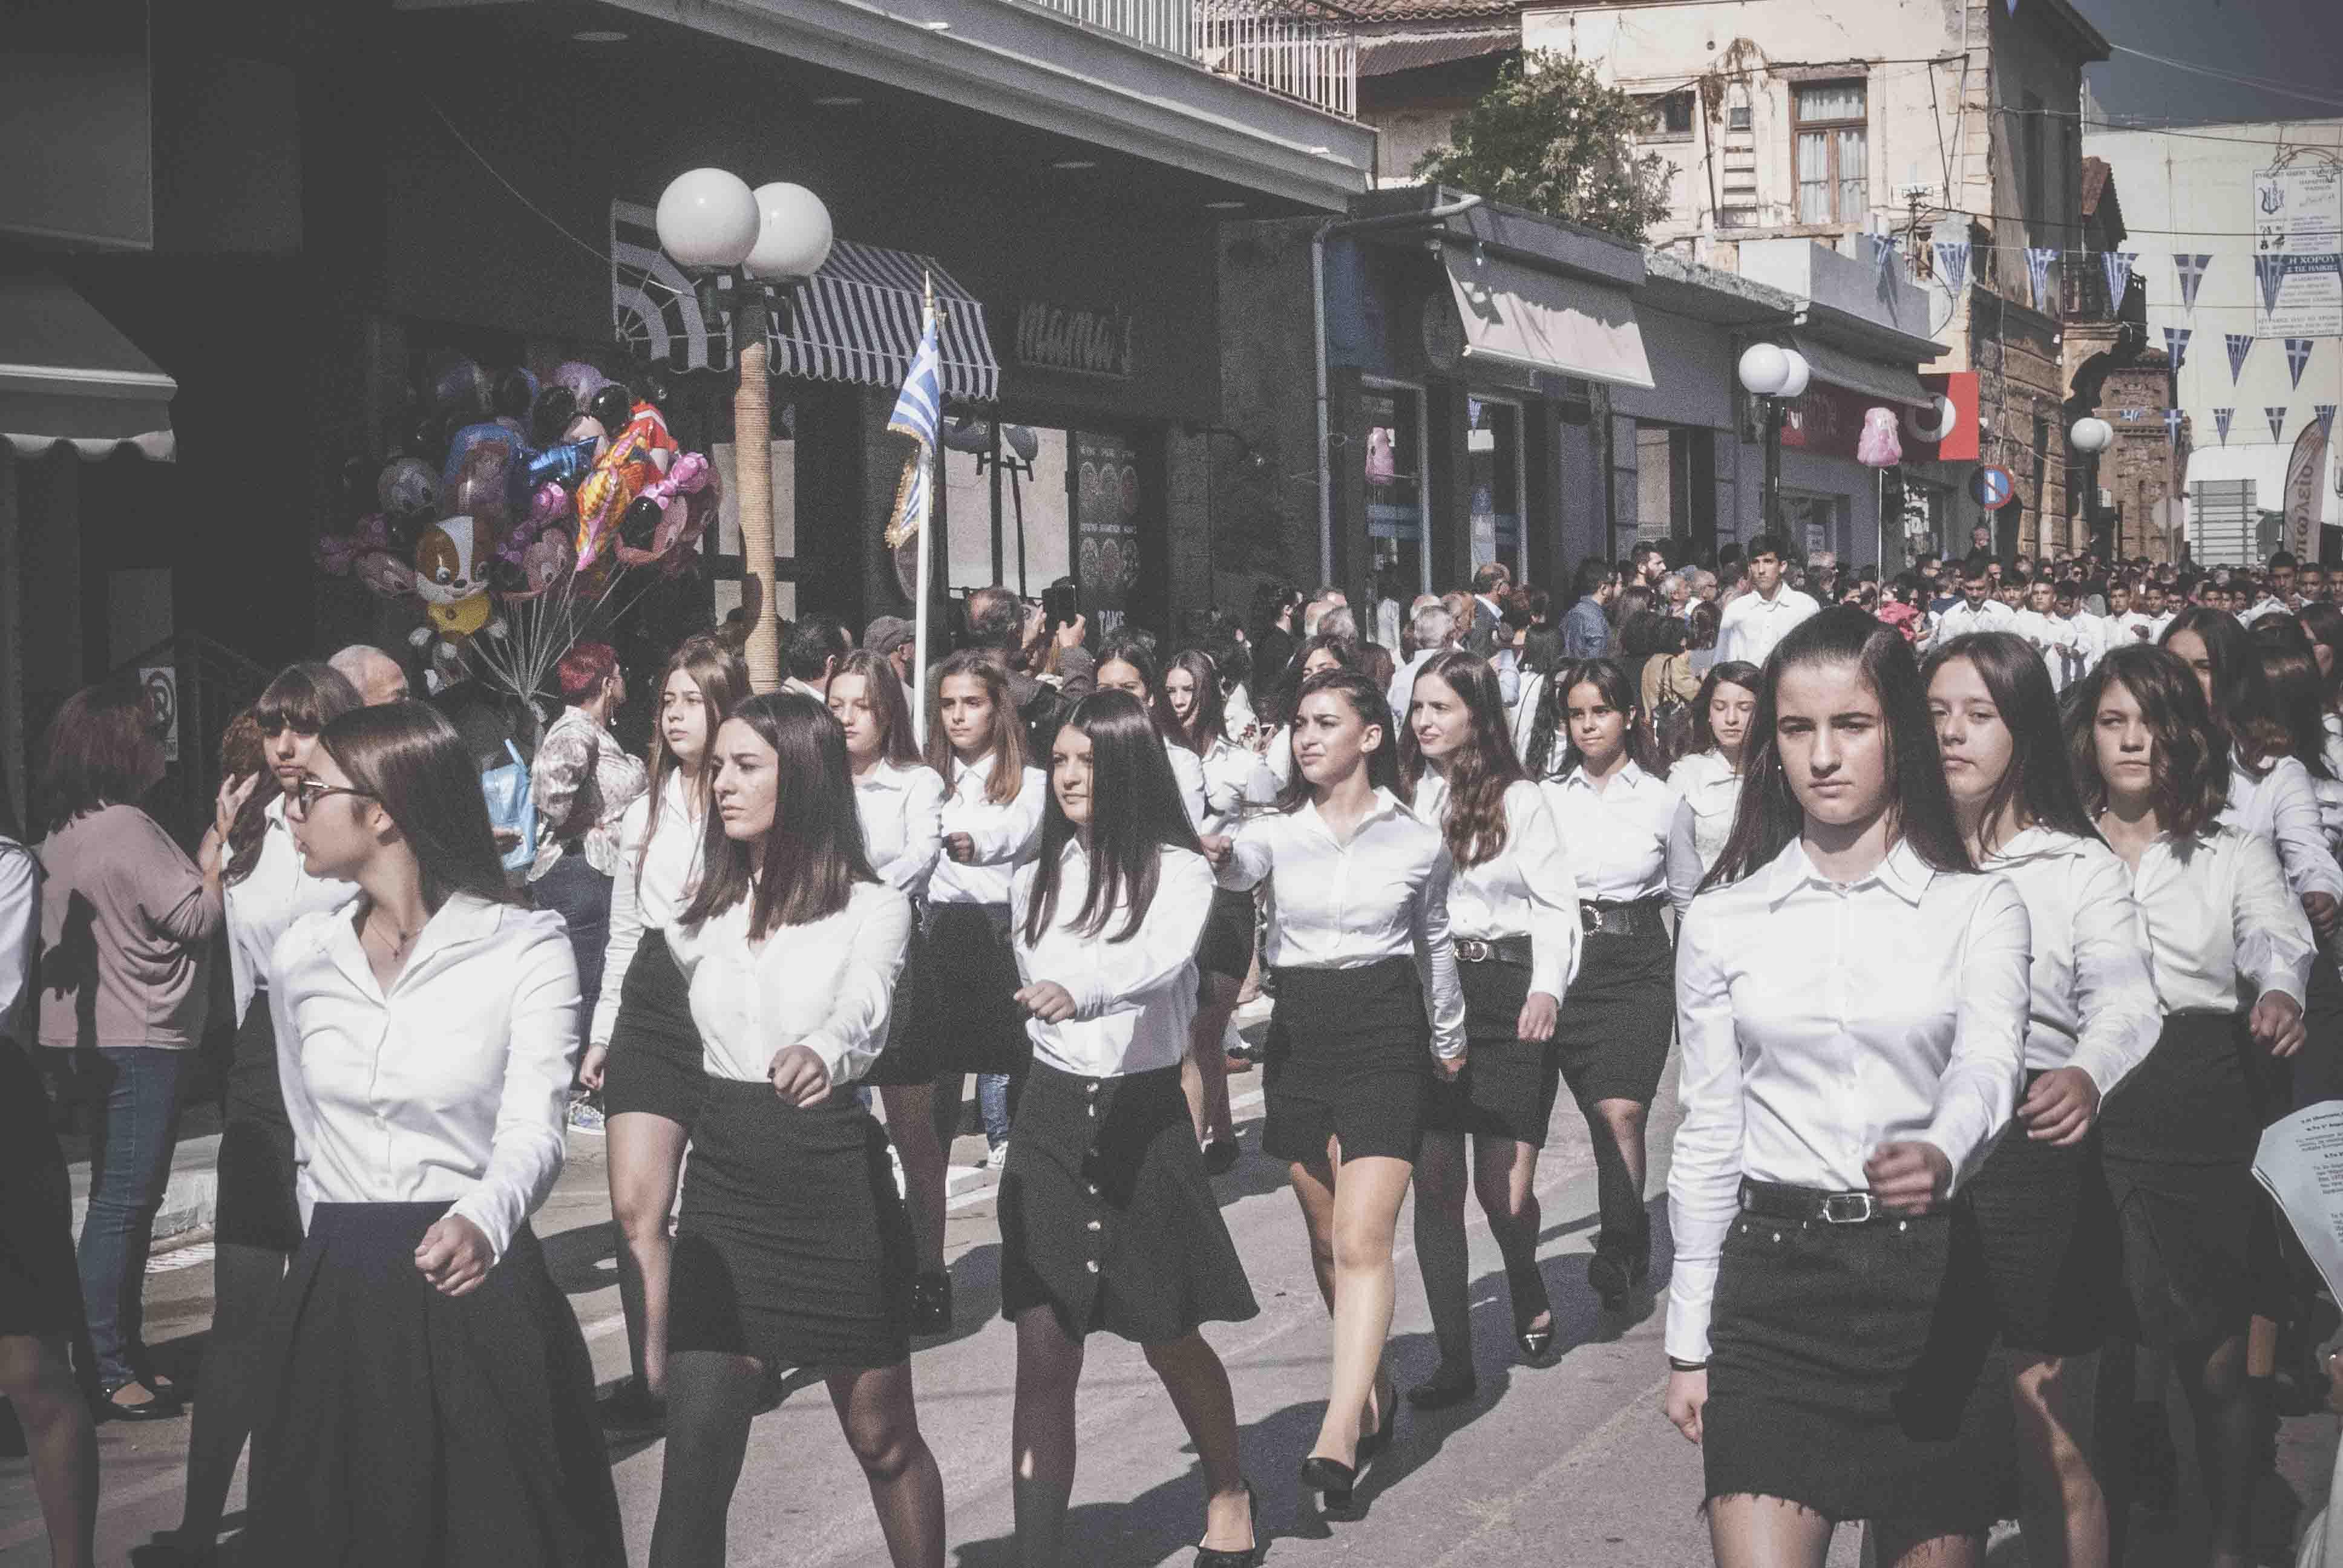 Φωτογραφικό υλικό από την παρέλαση στα Ψαχνά DSC 0394  Η παρέλαση της 28ης Οκτωβρίου σε Καστέλλα και Ψαχνά (φωτό) DSC 0394